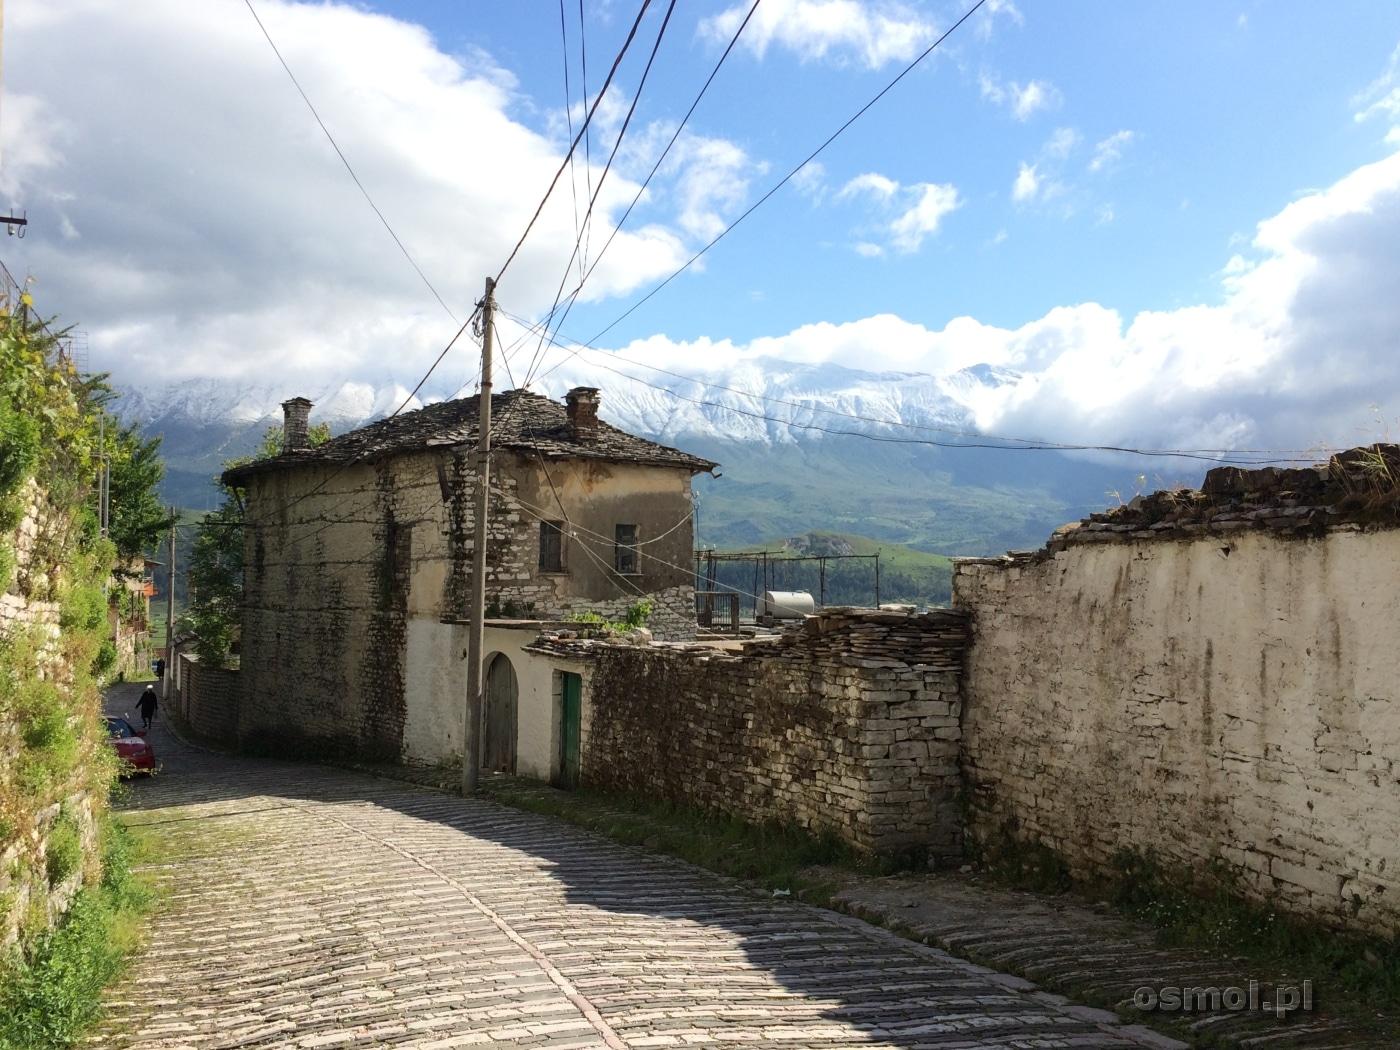 Uliczka w Gjirokastrze z widokiem na okoliczne góry